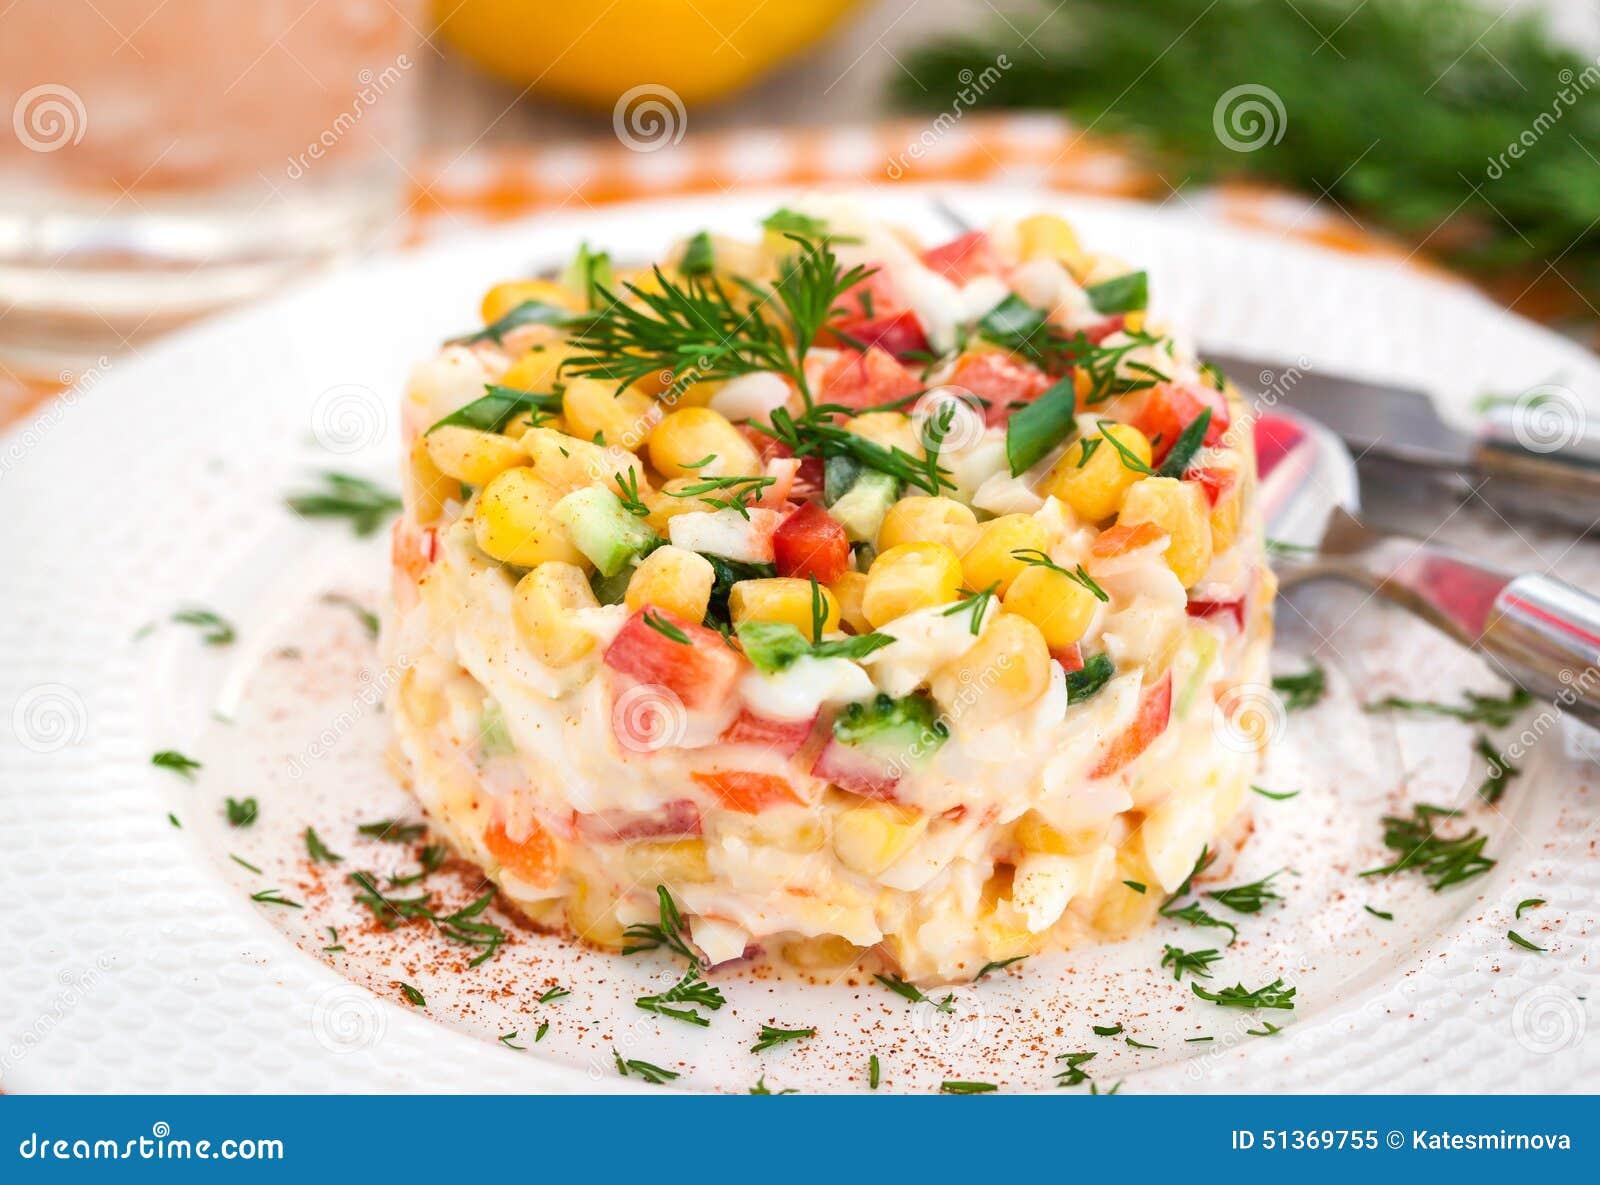 Салат из крабовых палочек и огурцов рецепт с